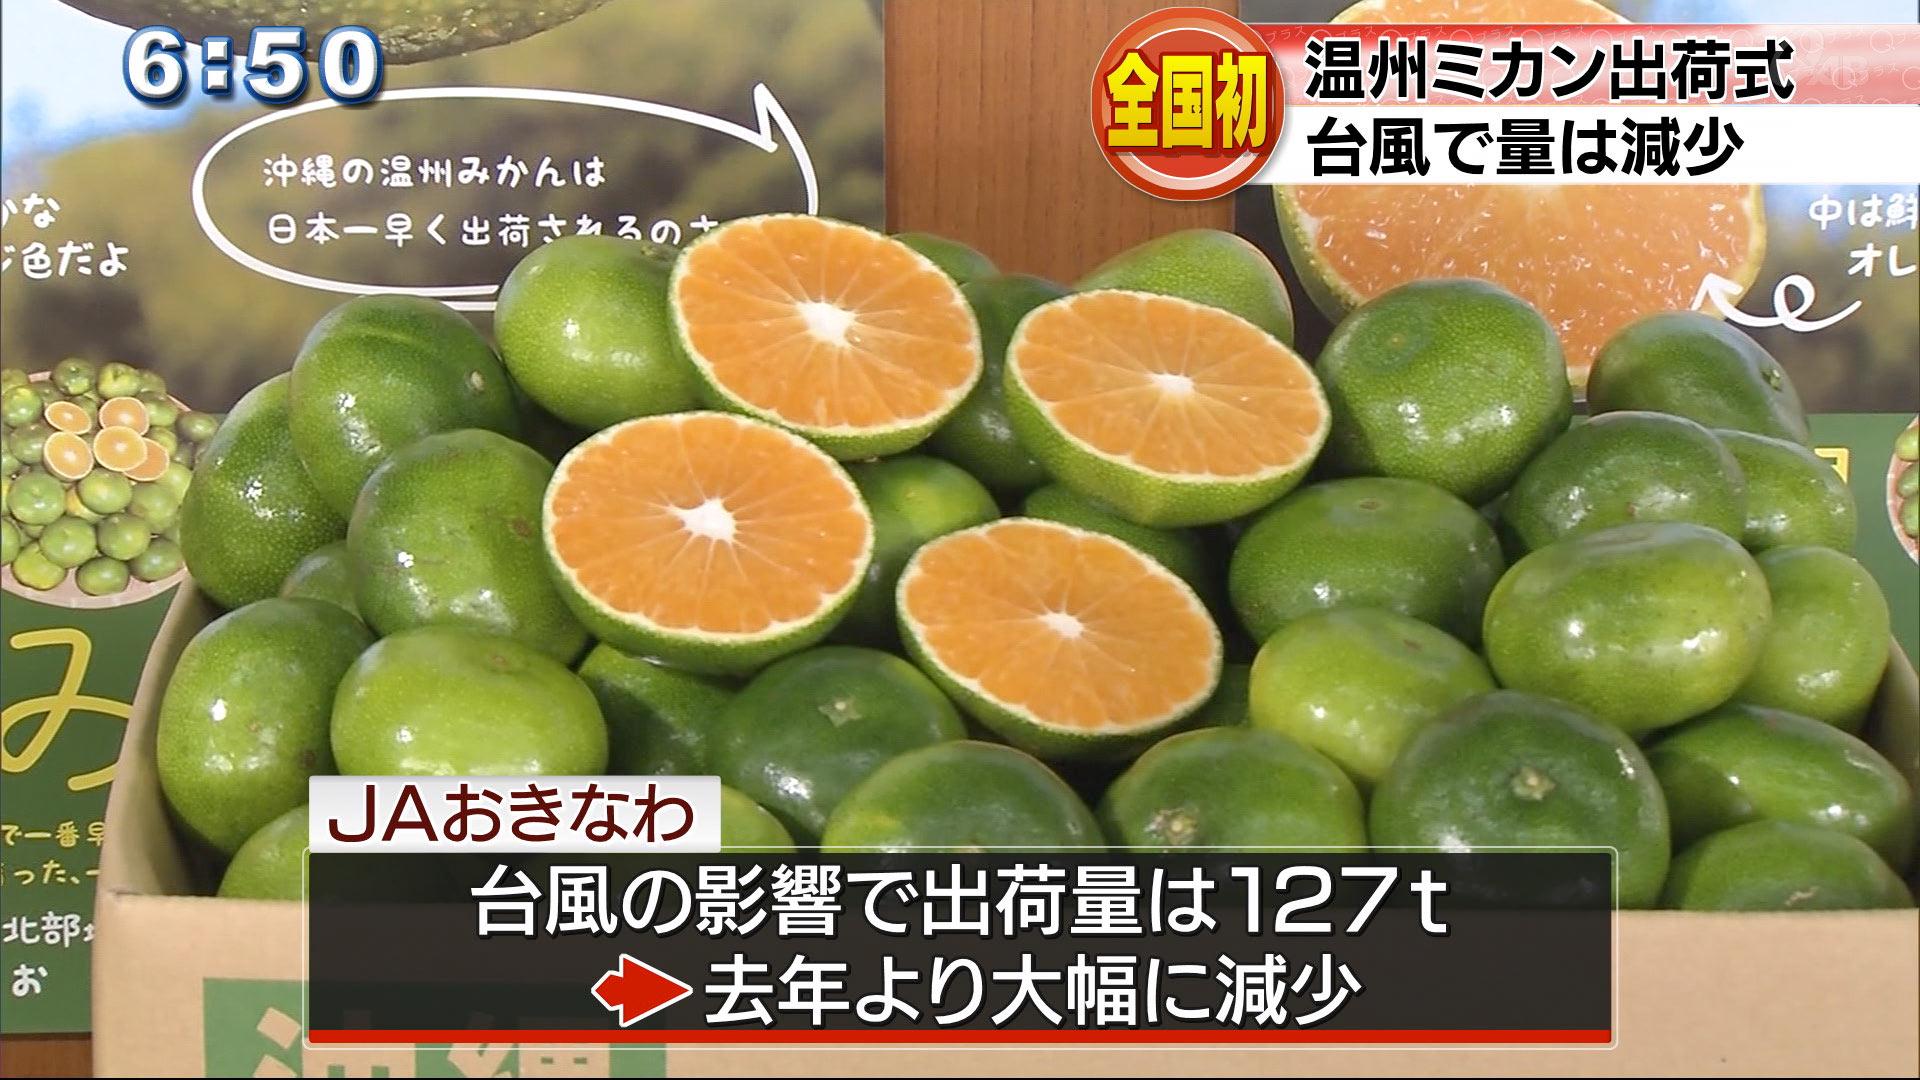 温州ミカン初出荷式 露地栽培では日本一早く